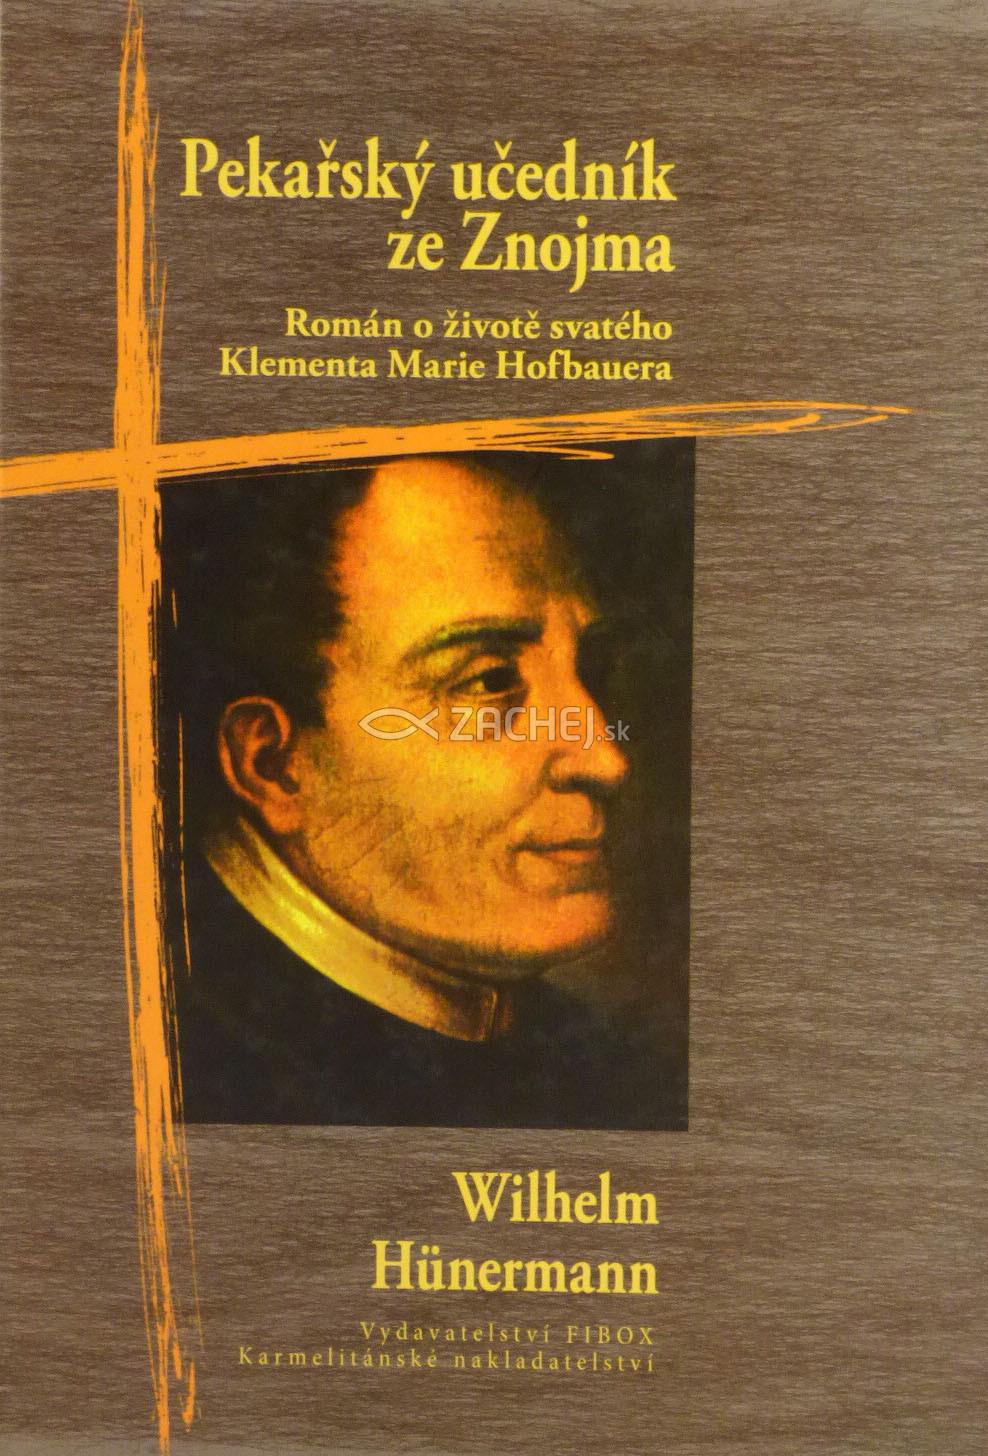 Pekařský učedník ze Znojma - Román o životě svatého Klementa Marie Hofbauera